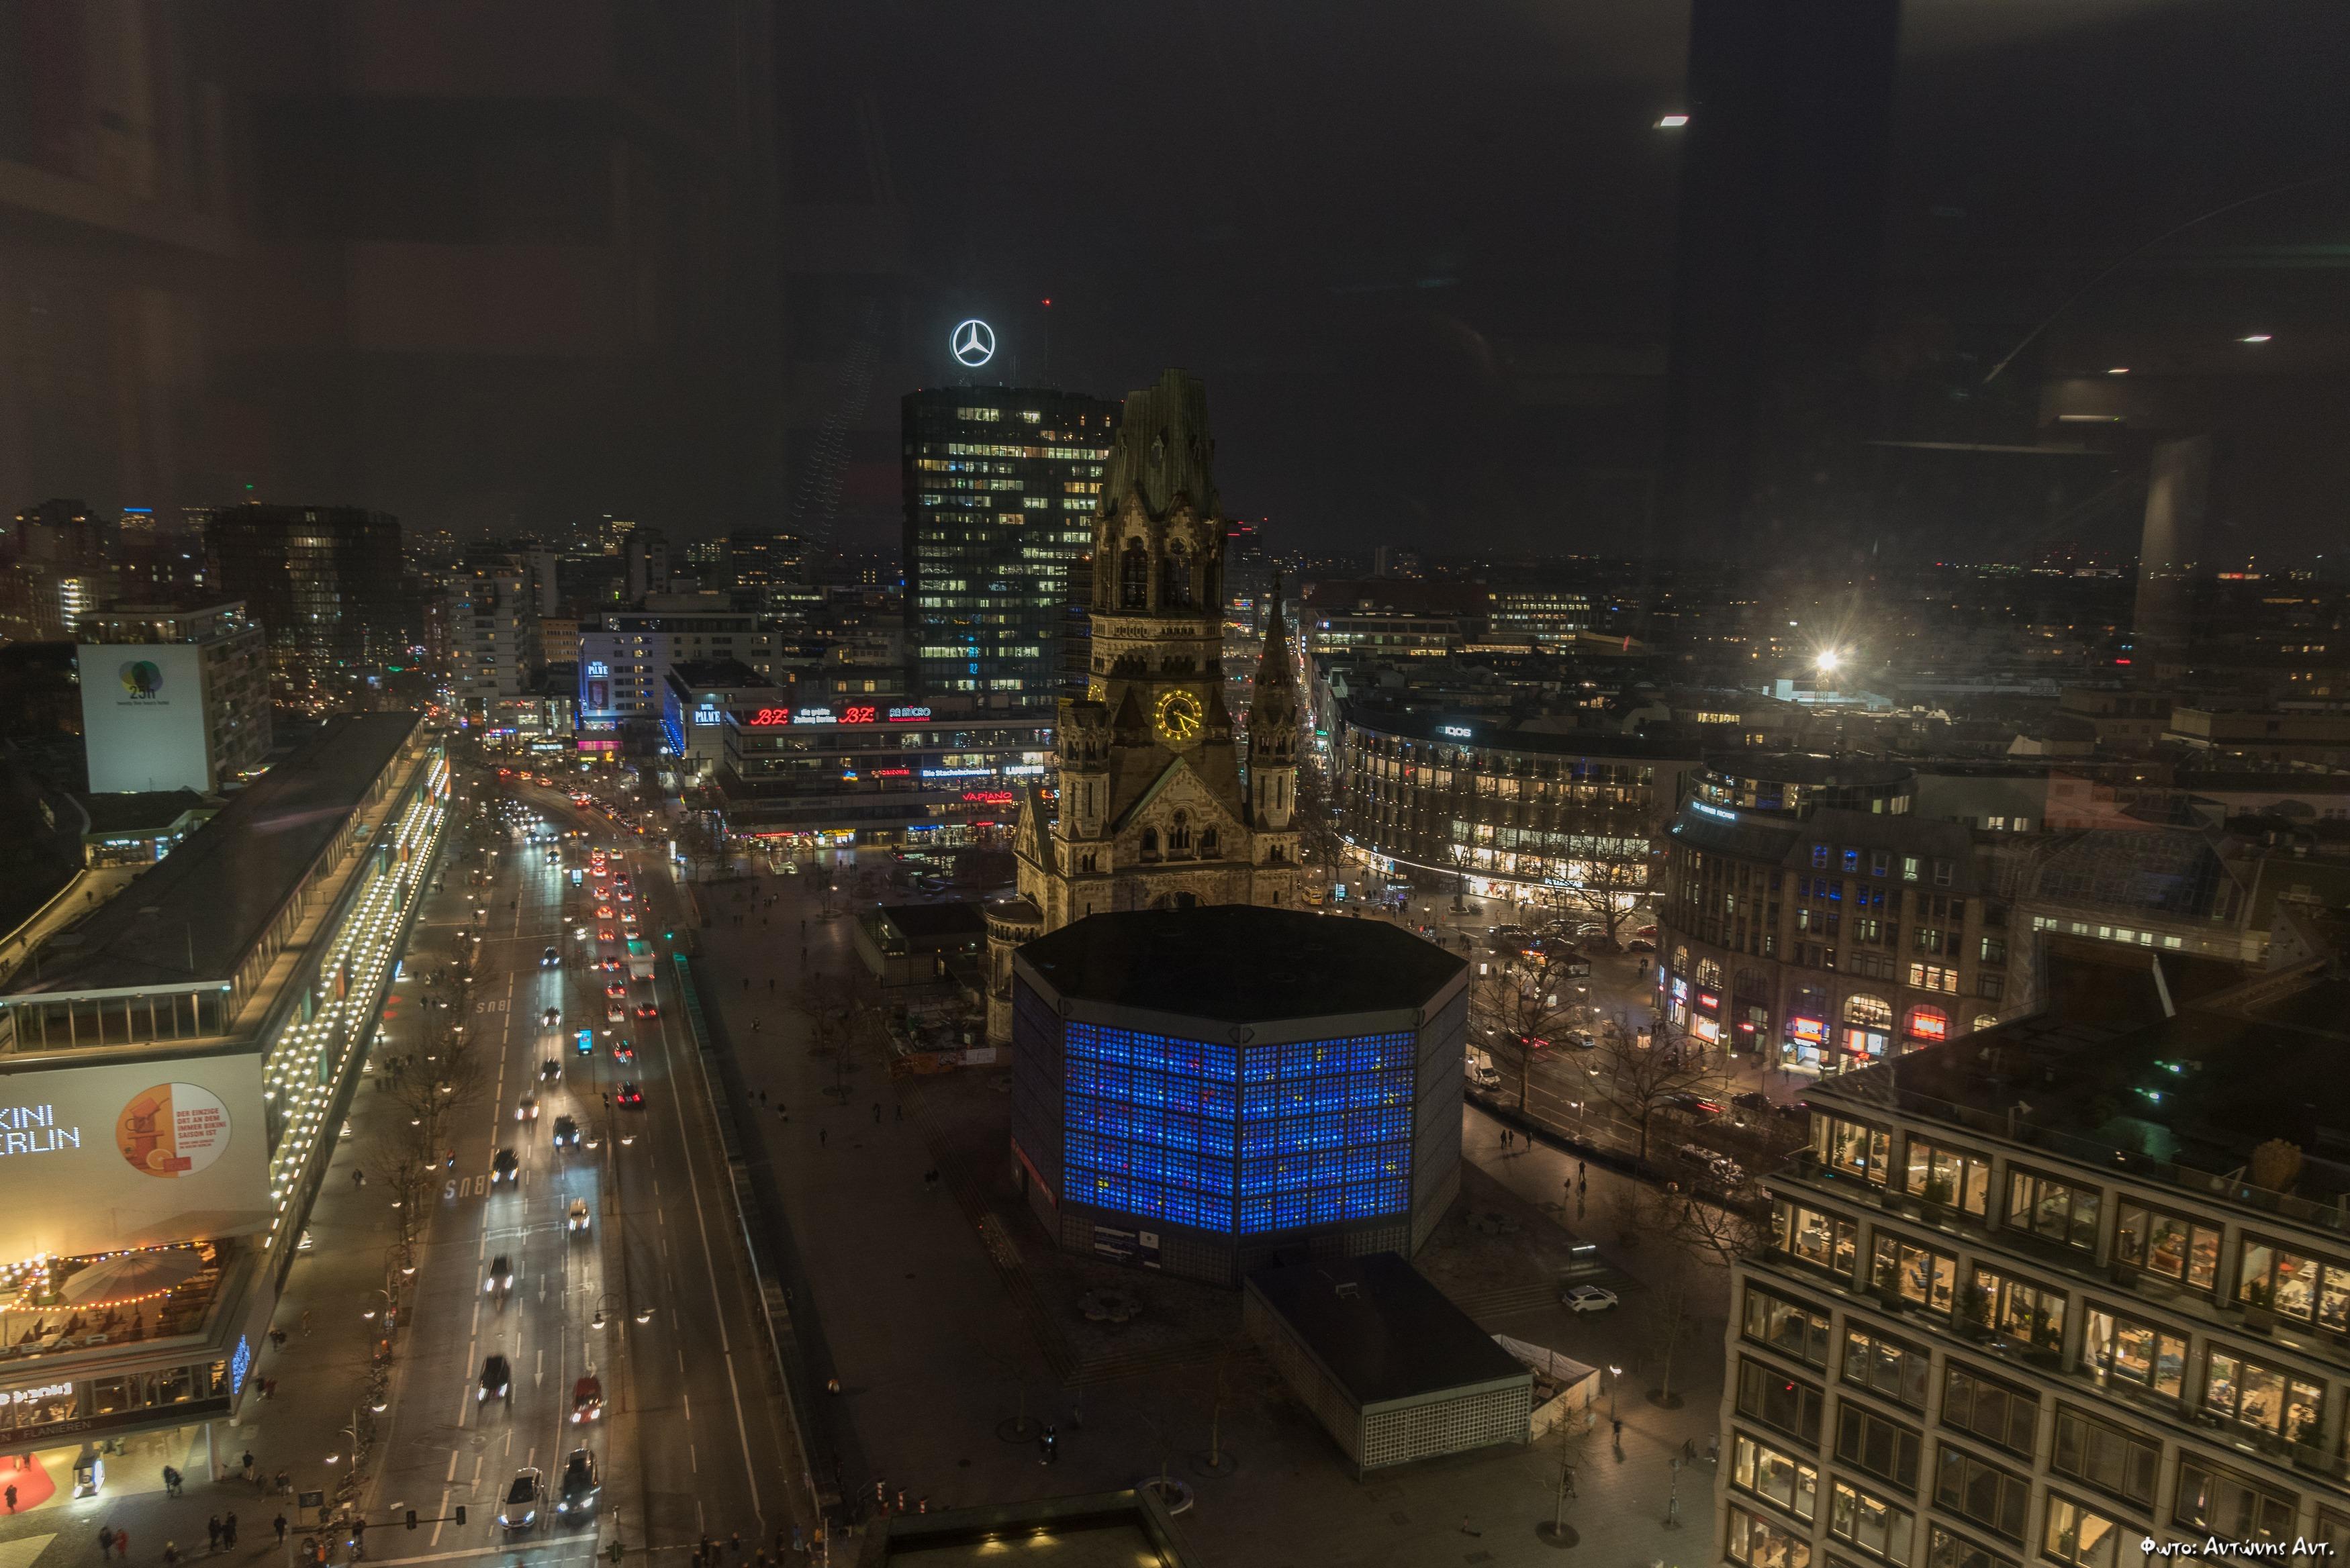 Βερολίνο, μια πόλη γεμάτη ιστορία…του Αντ. Αντωνακάκη